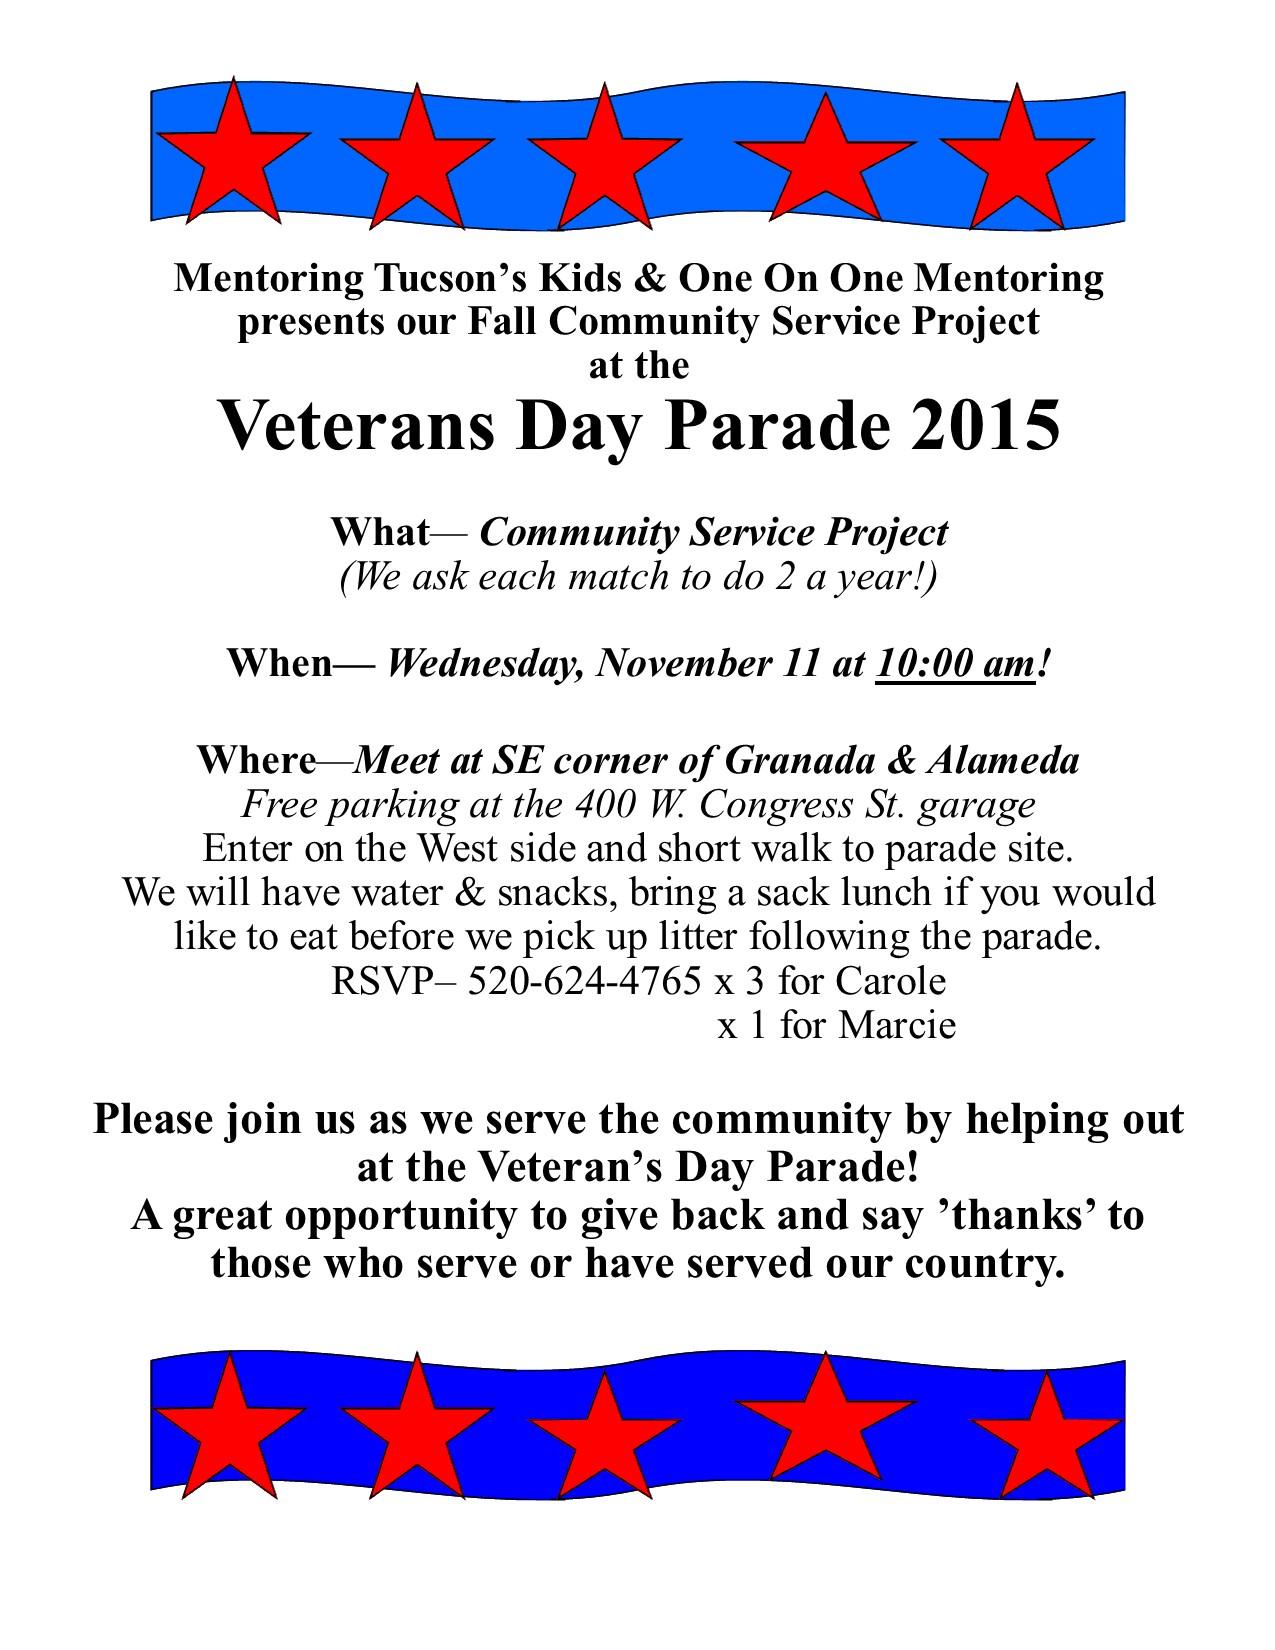 Veterans Day Parade Flyer 2015